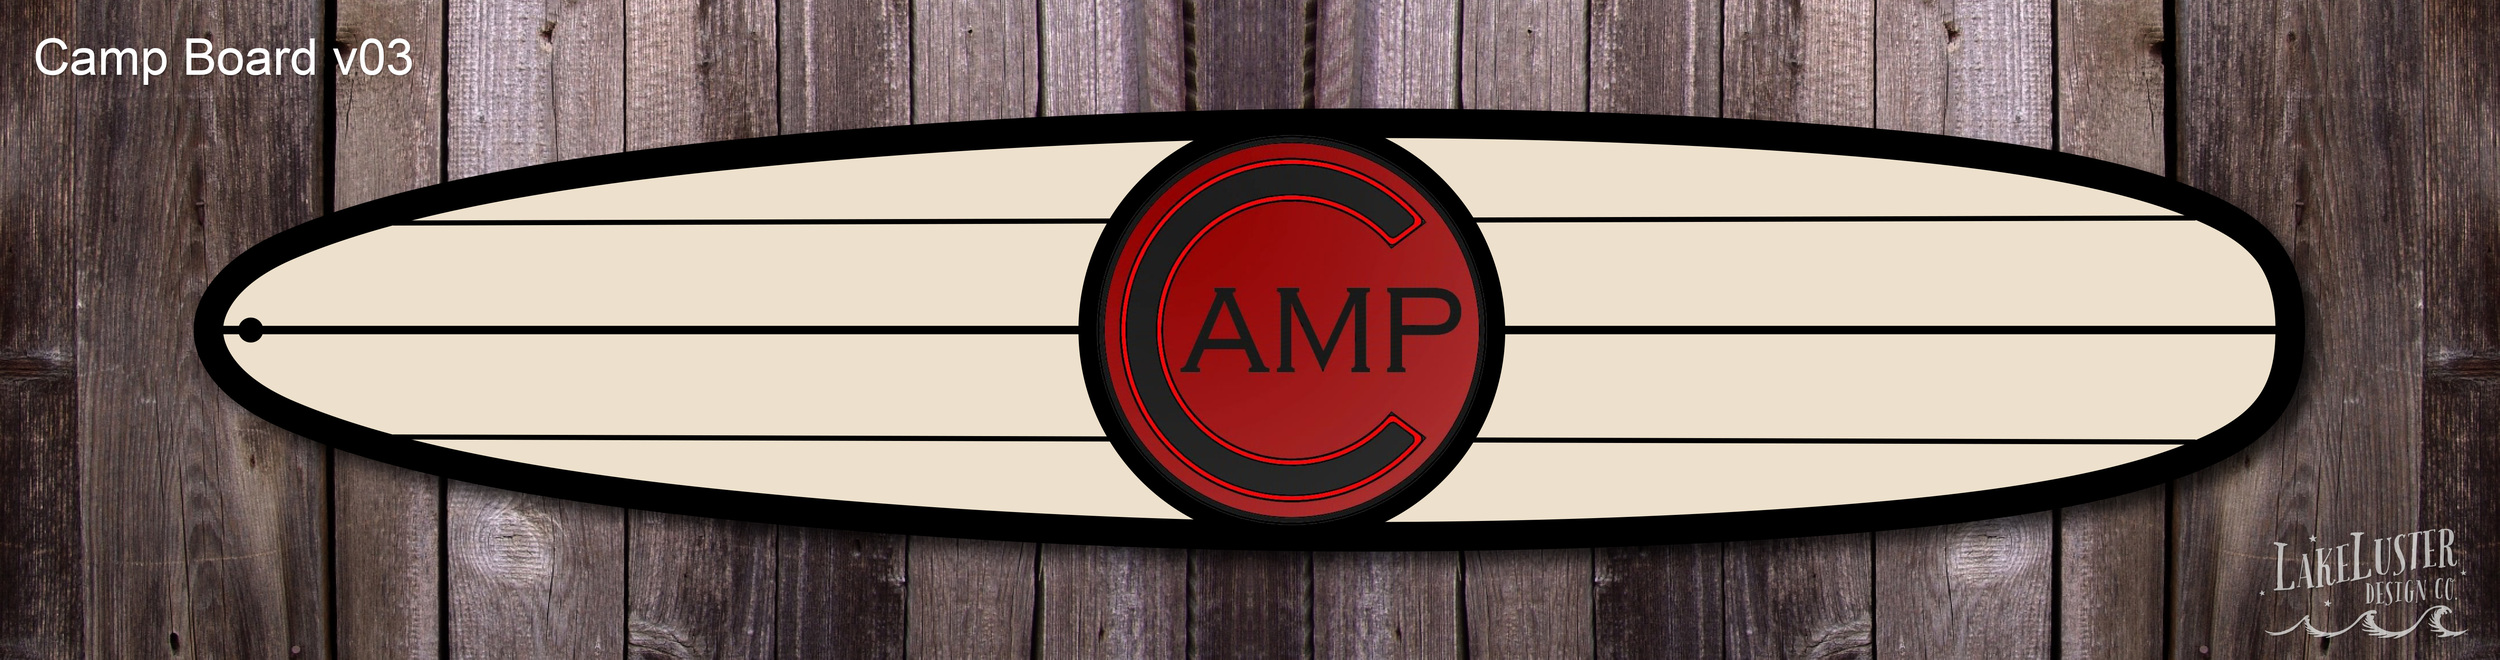 Camp_Board_v03.jpg